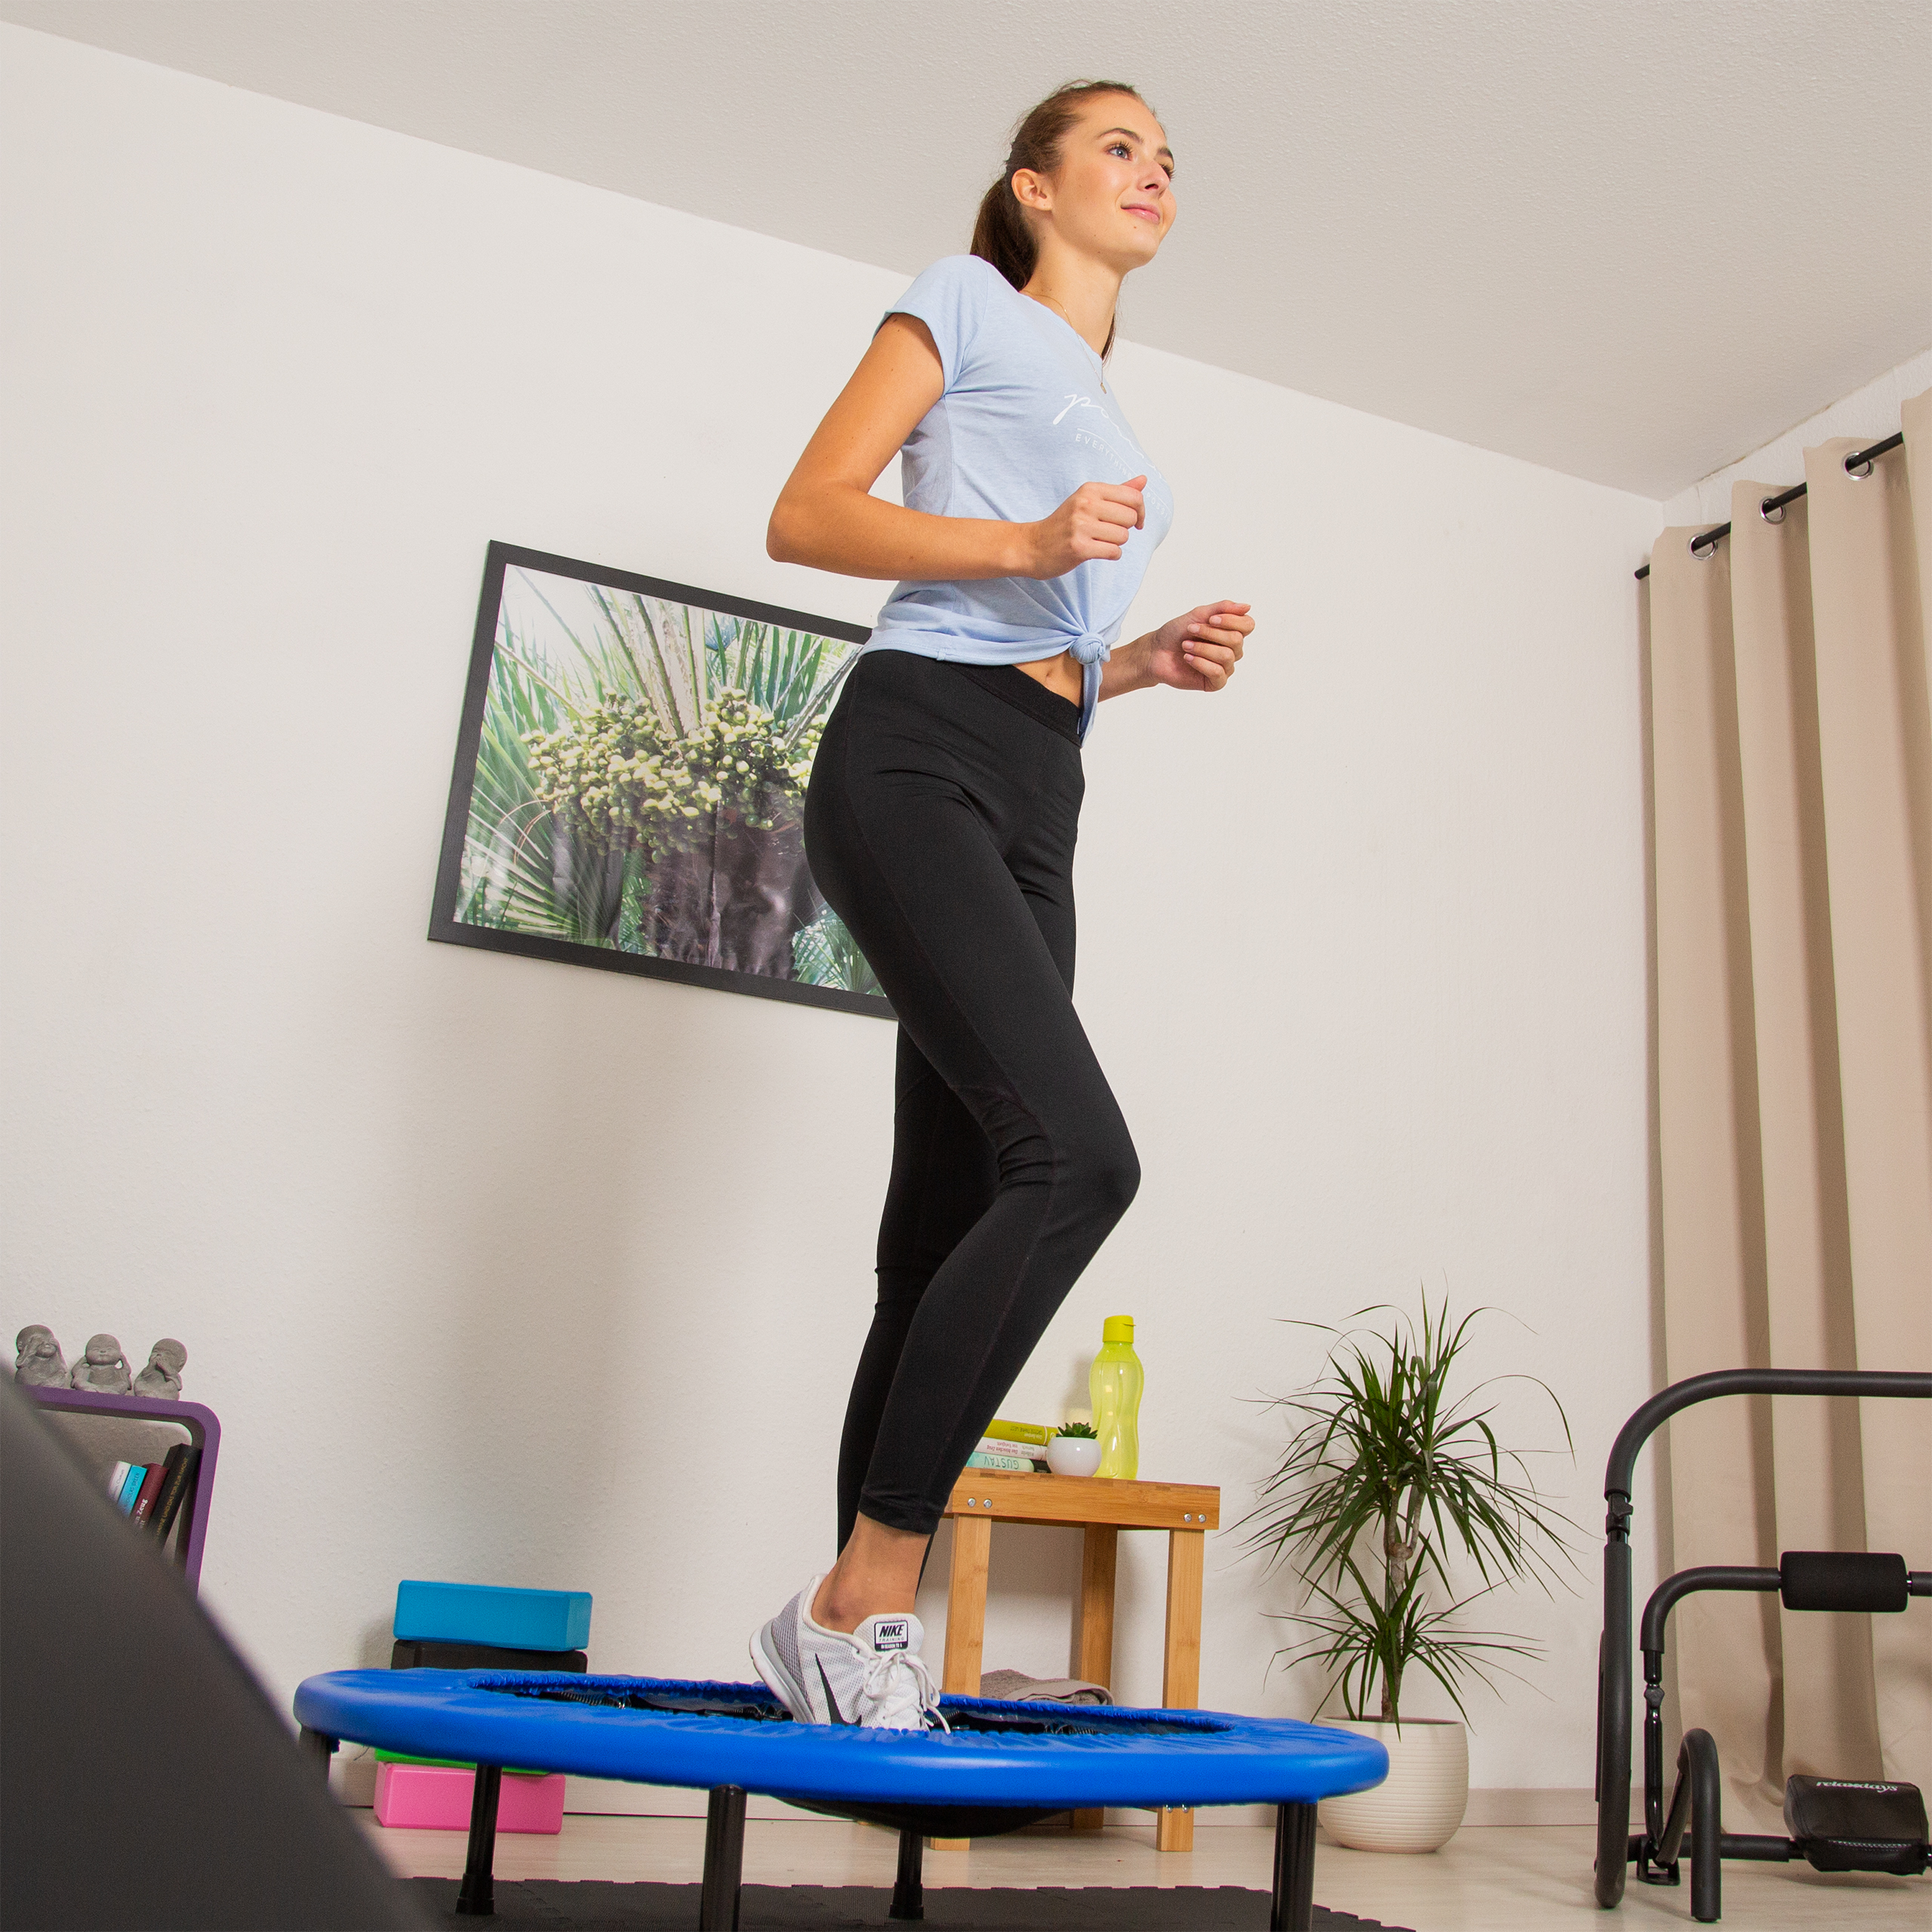 Fitness-Trampolin-Aerobic-Indoor-Fitnesstrampolin-Ausdauer-Training-bis-100-kg Indexbild 4